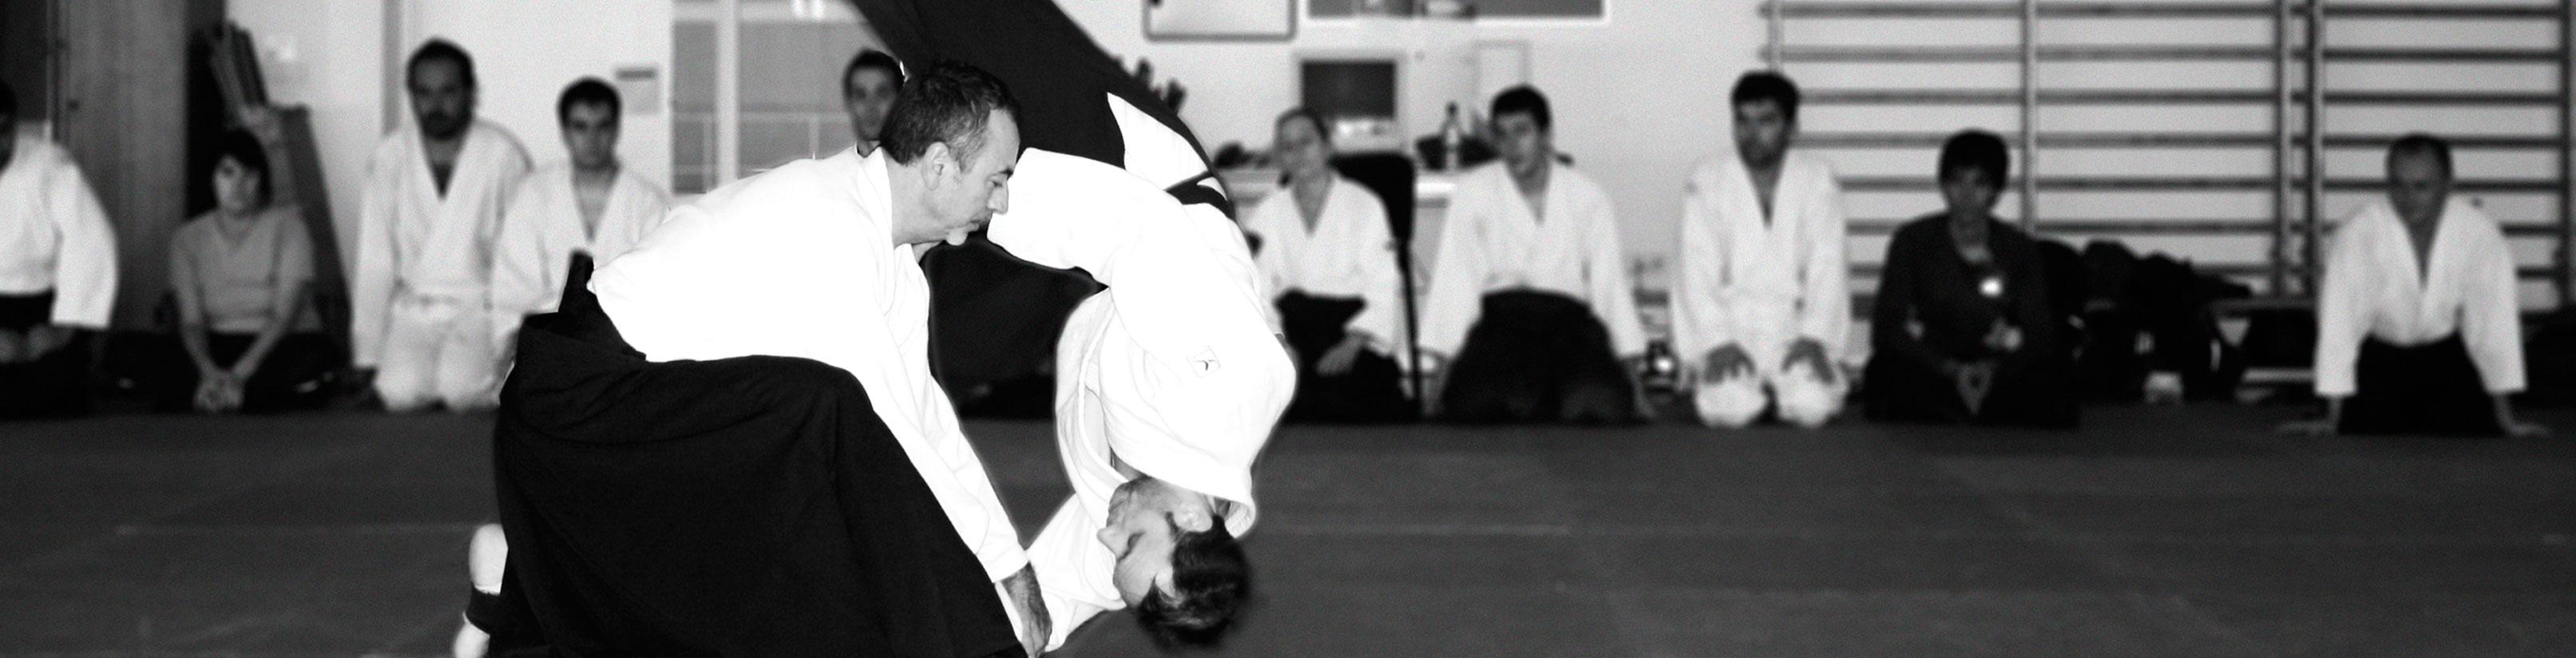 Profesor fernando en una acción